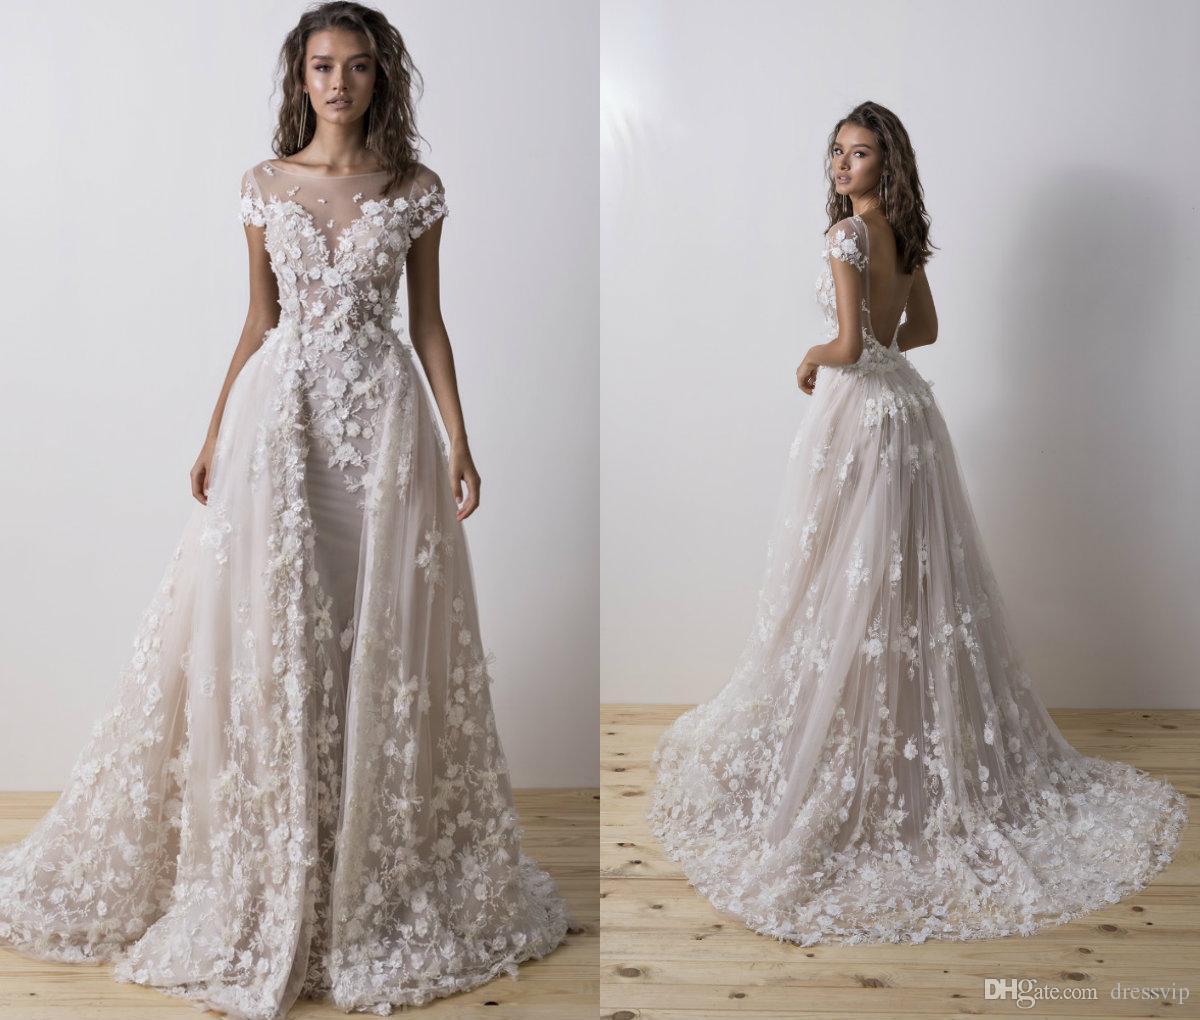 103d74751e86 2018 Mermaid Wedding Dresses With Detachable Train Lace 3D Floral Applique  Short Sleeve Boho Bridal Dress Sweep Train Plus Size Wedding Gown One  Shoulder ...